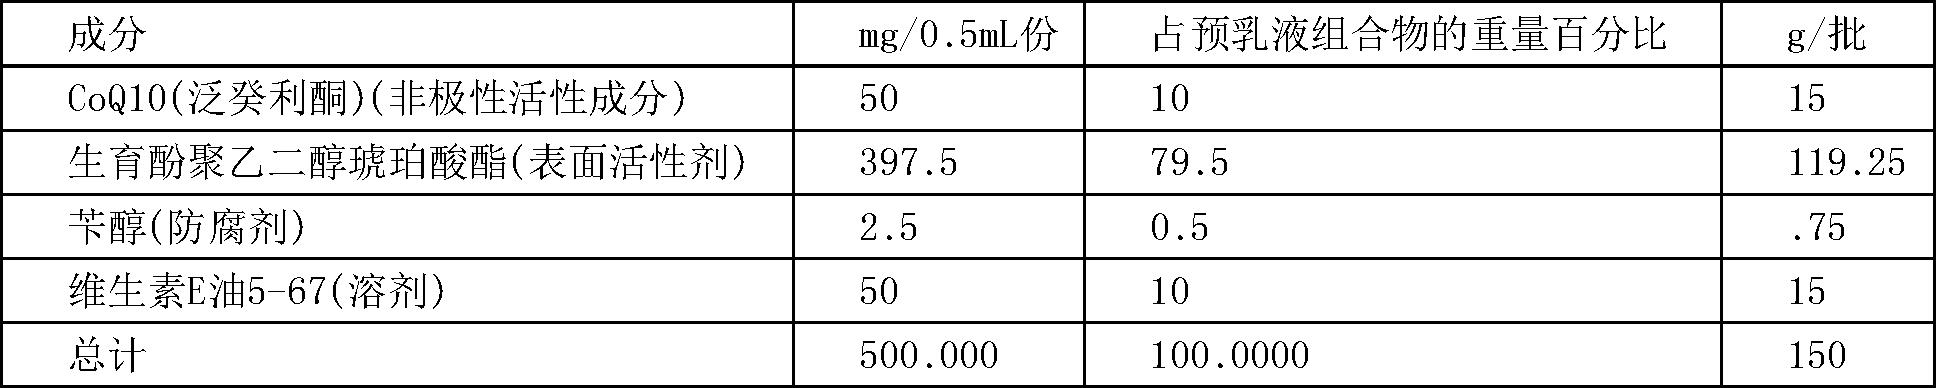 Figure CN102036661BD00893